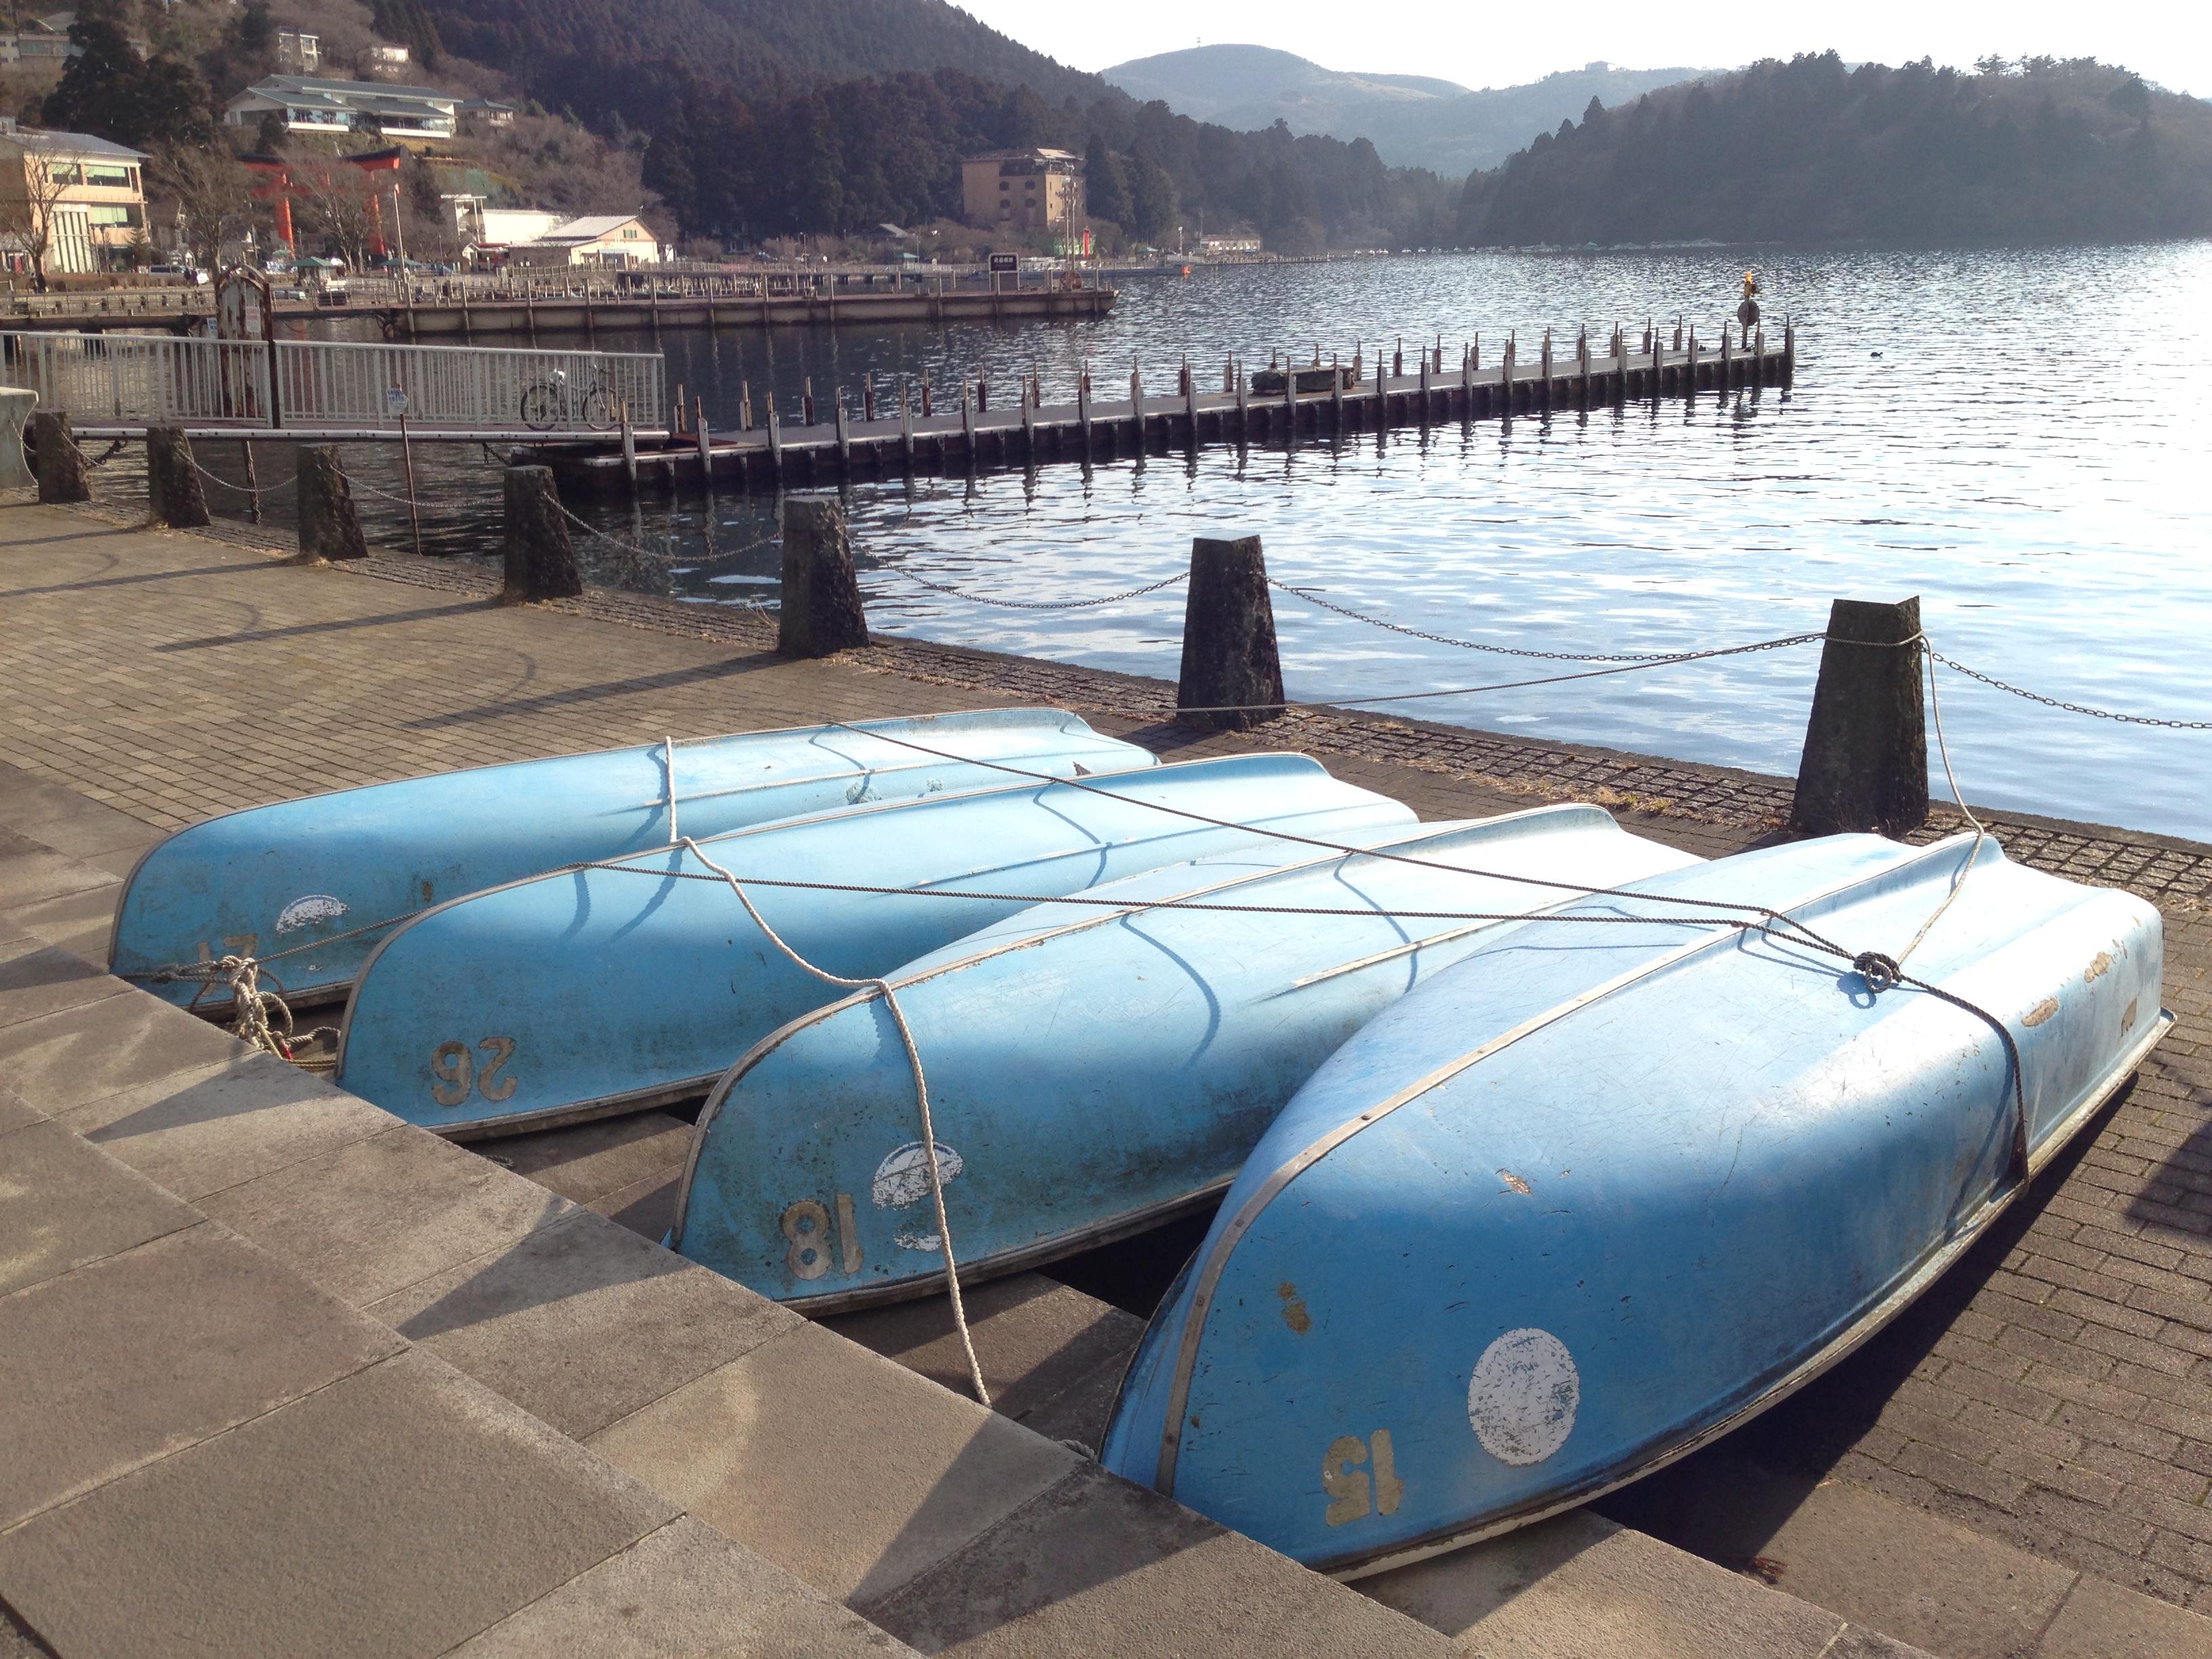 湖畔はぼんやりと景観を楽しむのが一番 ‐ぶらり芦ノ湖の旅